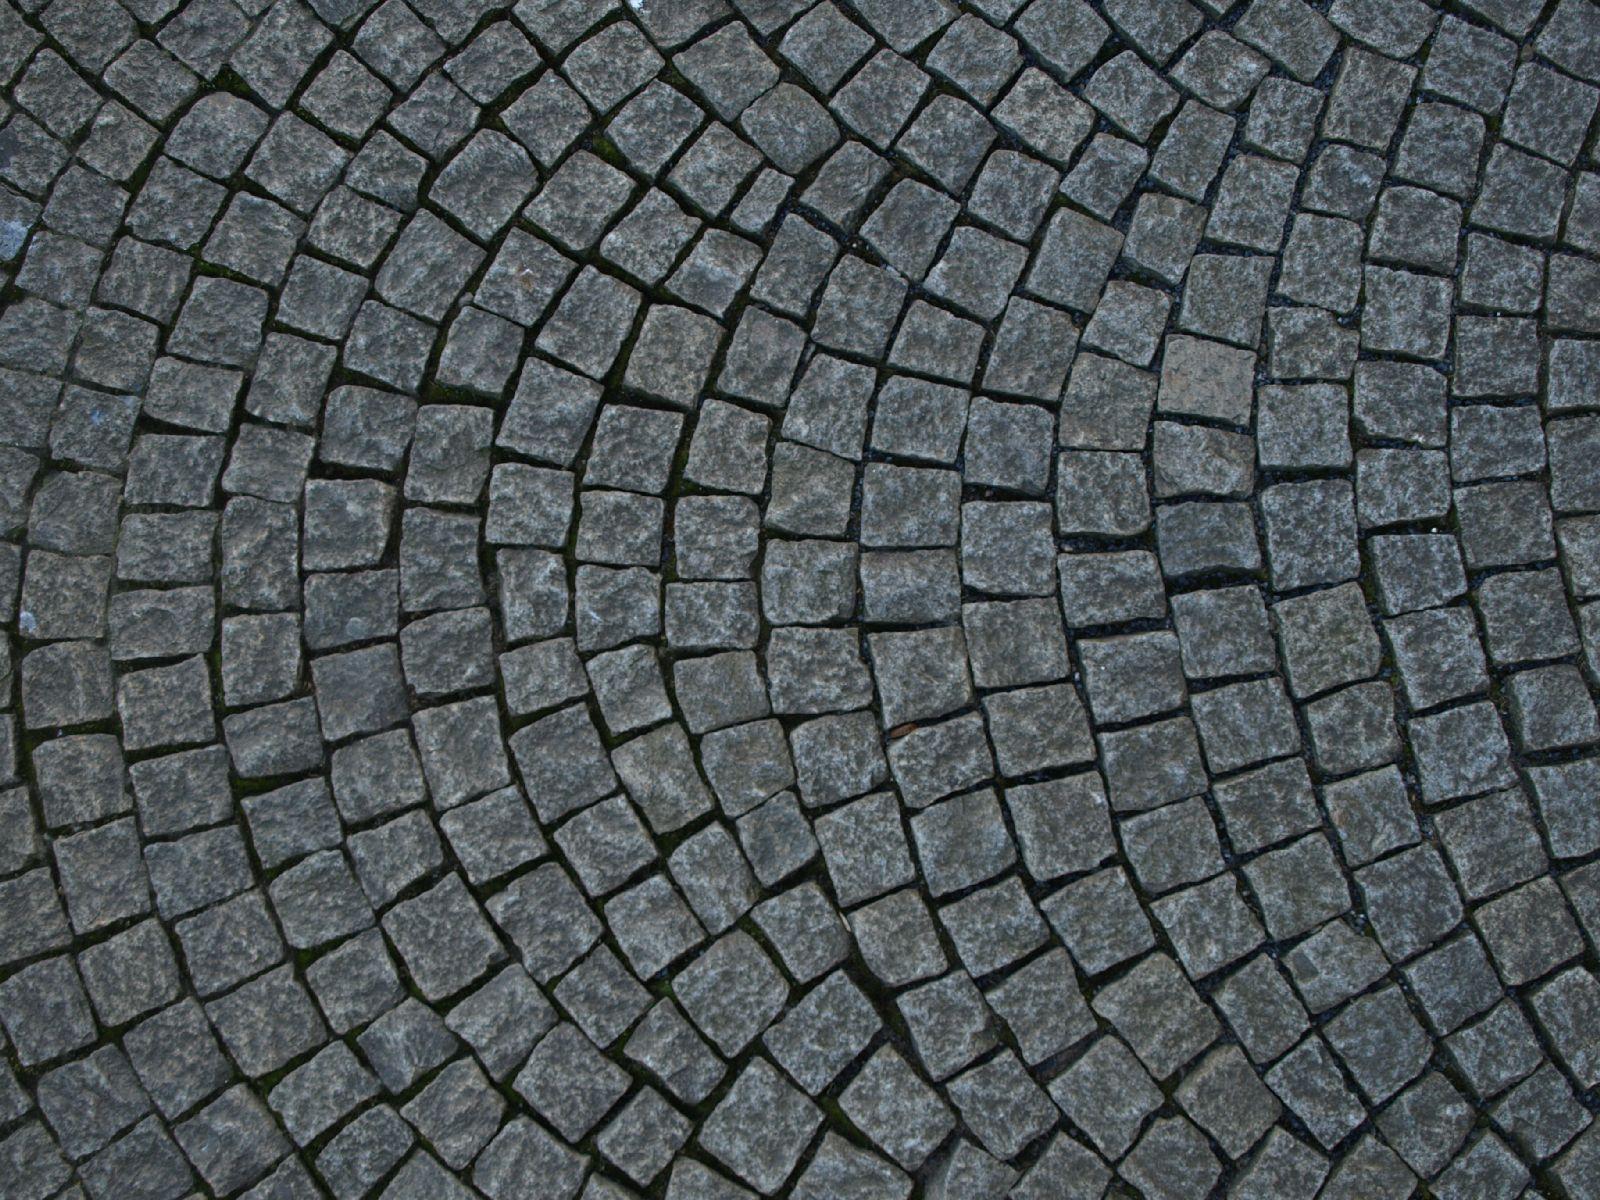 Boden-Gehweg-Strasse-Buergersteig-Textur_A_PC278575